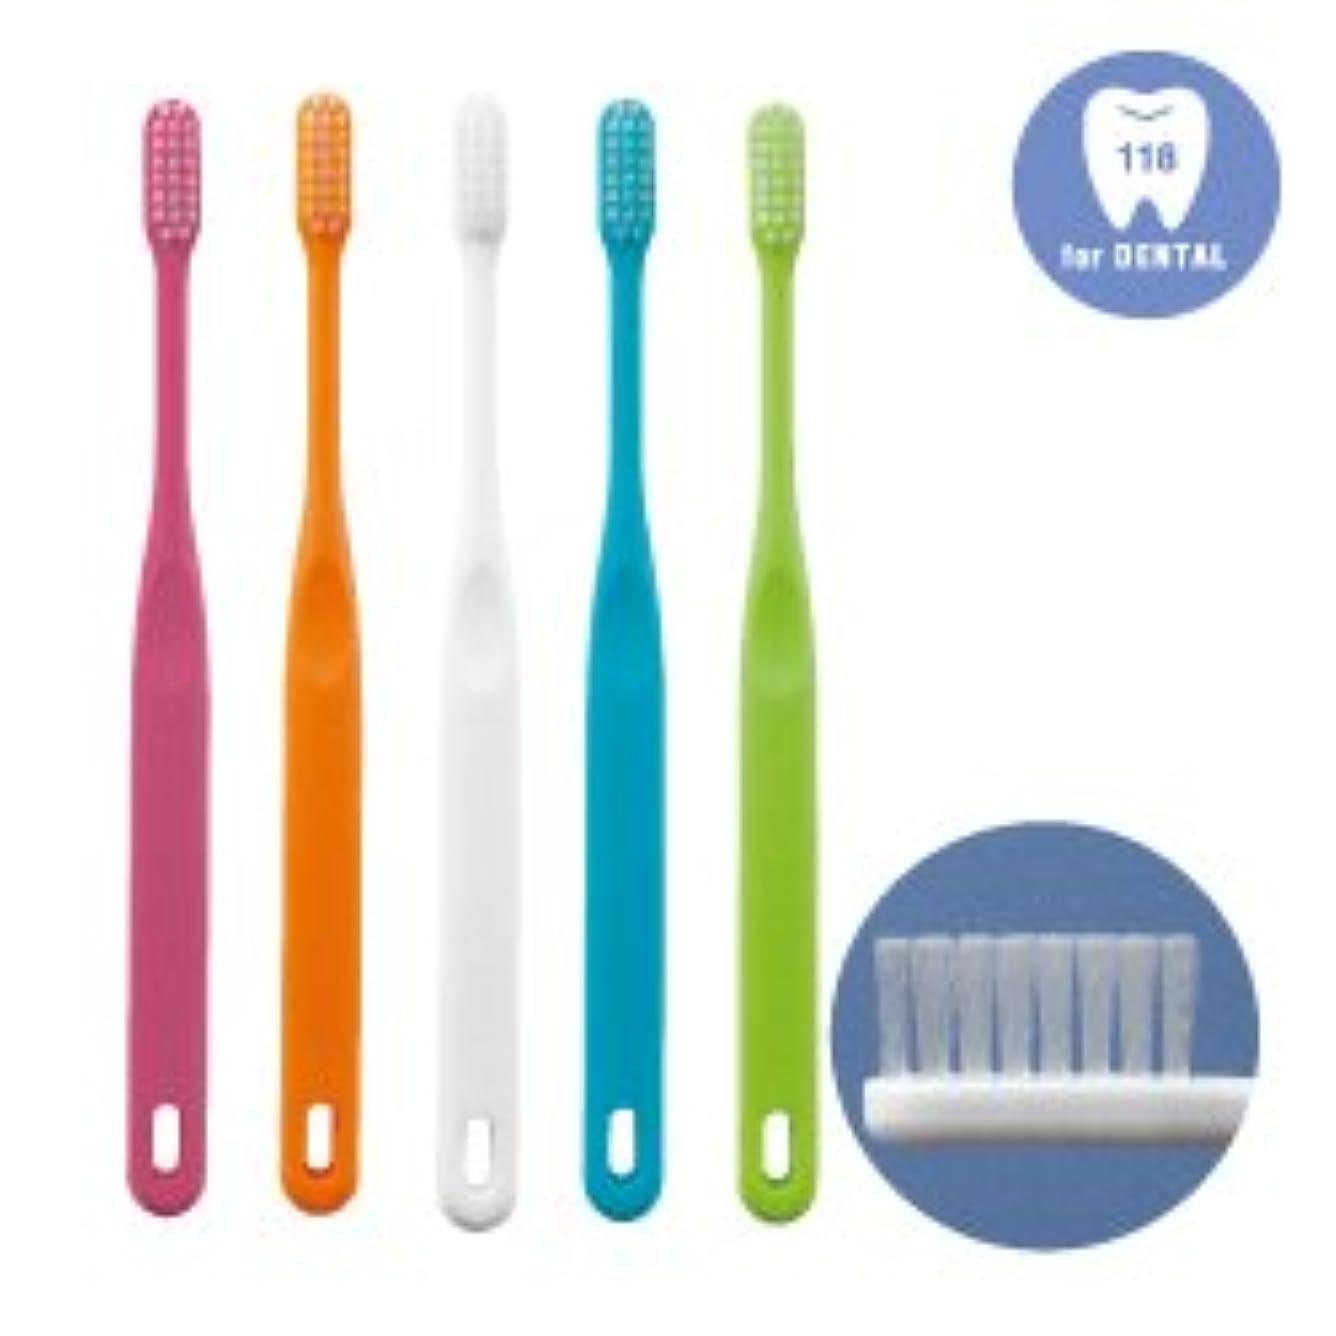 順応性のある丁寧死んでいる歯科専用歯ブラシ「118シリーズ」Advance(アドバンス)M(ふつう)25本